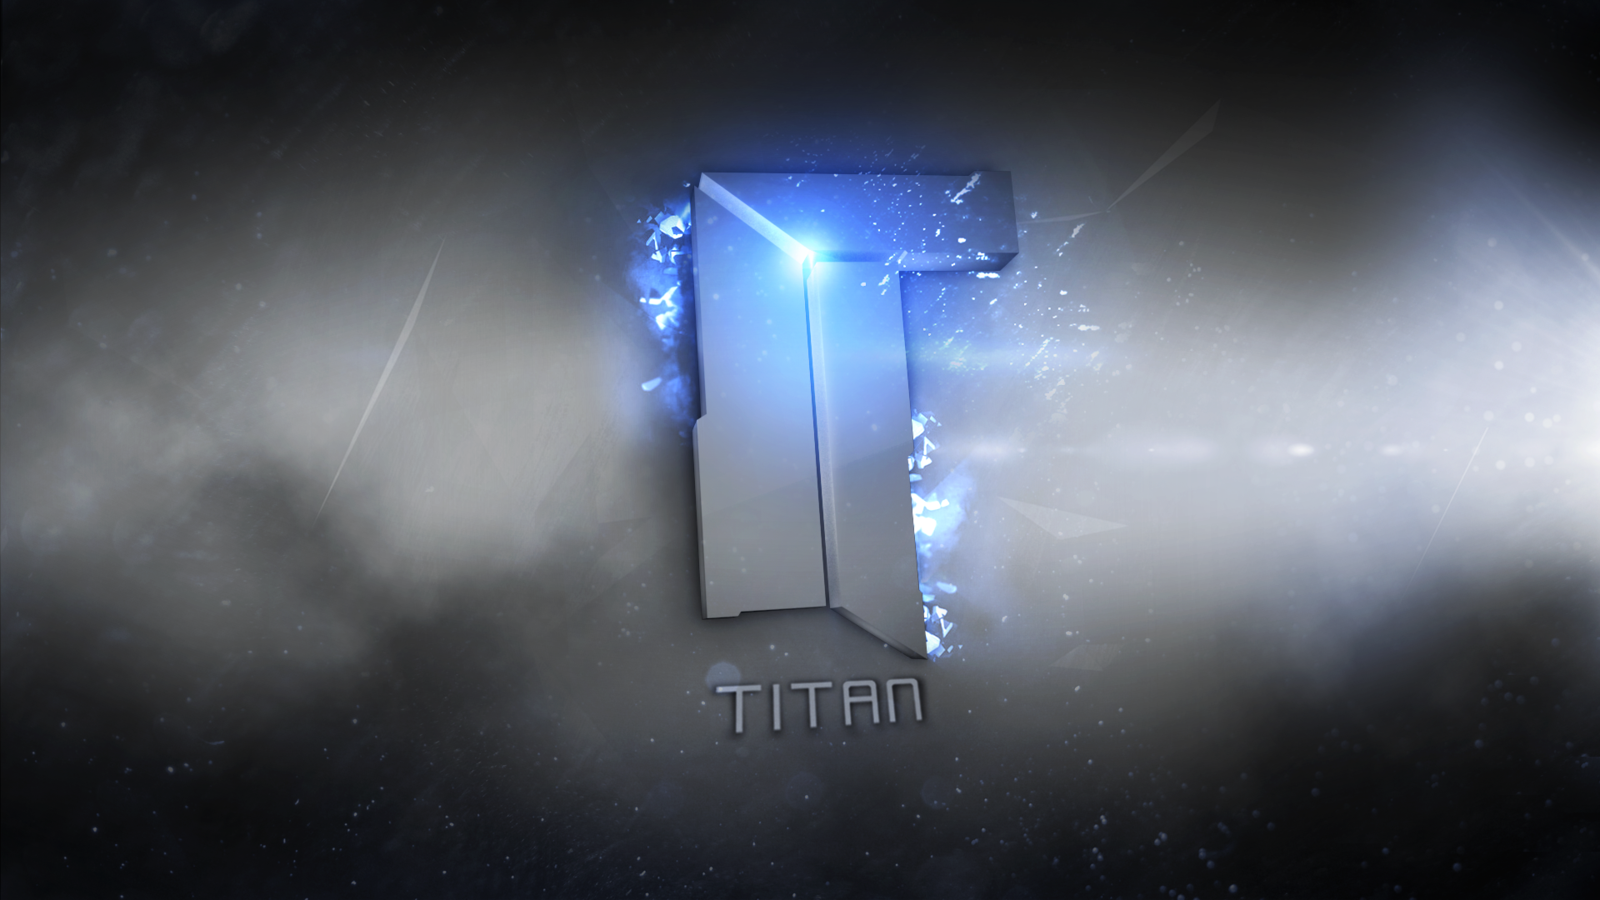 Titan Wallpaper by kayEE3n 1600x900